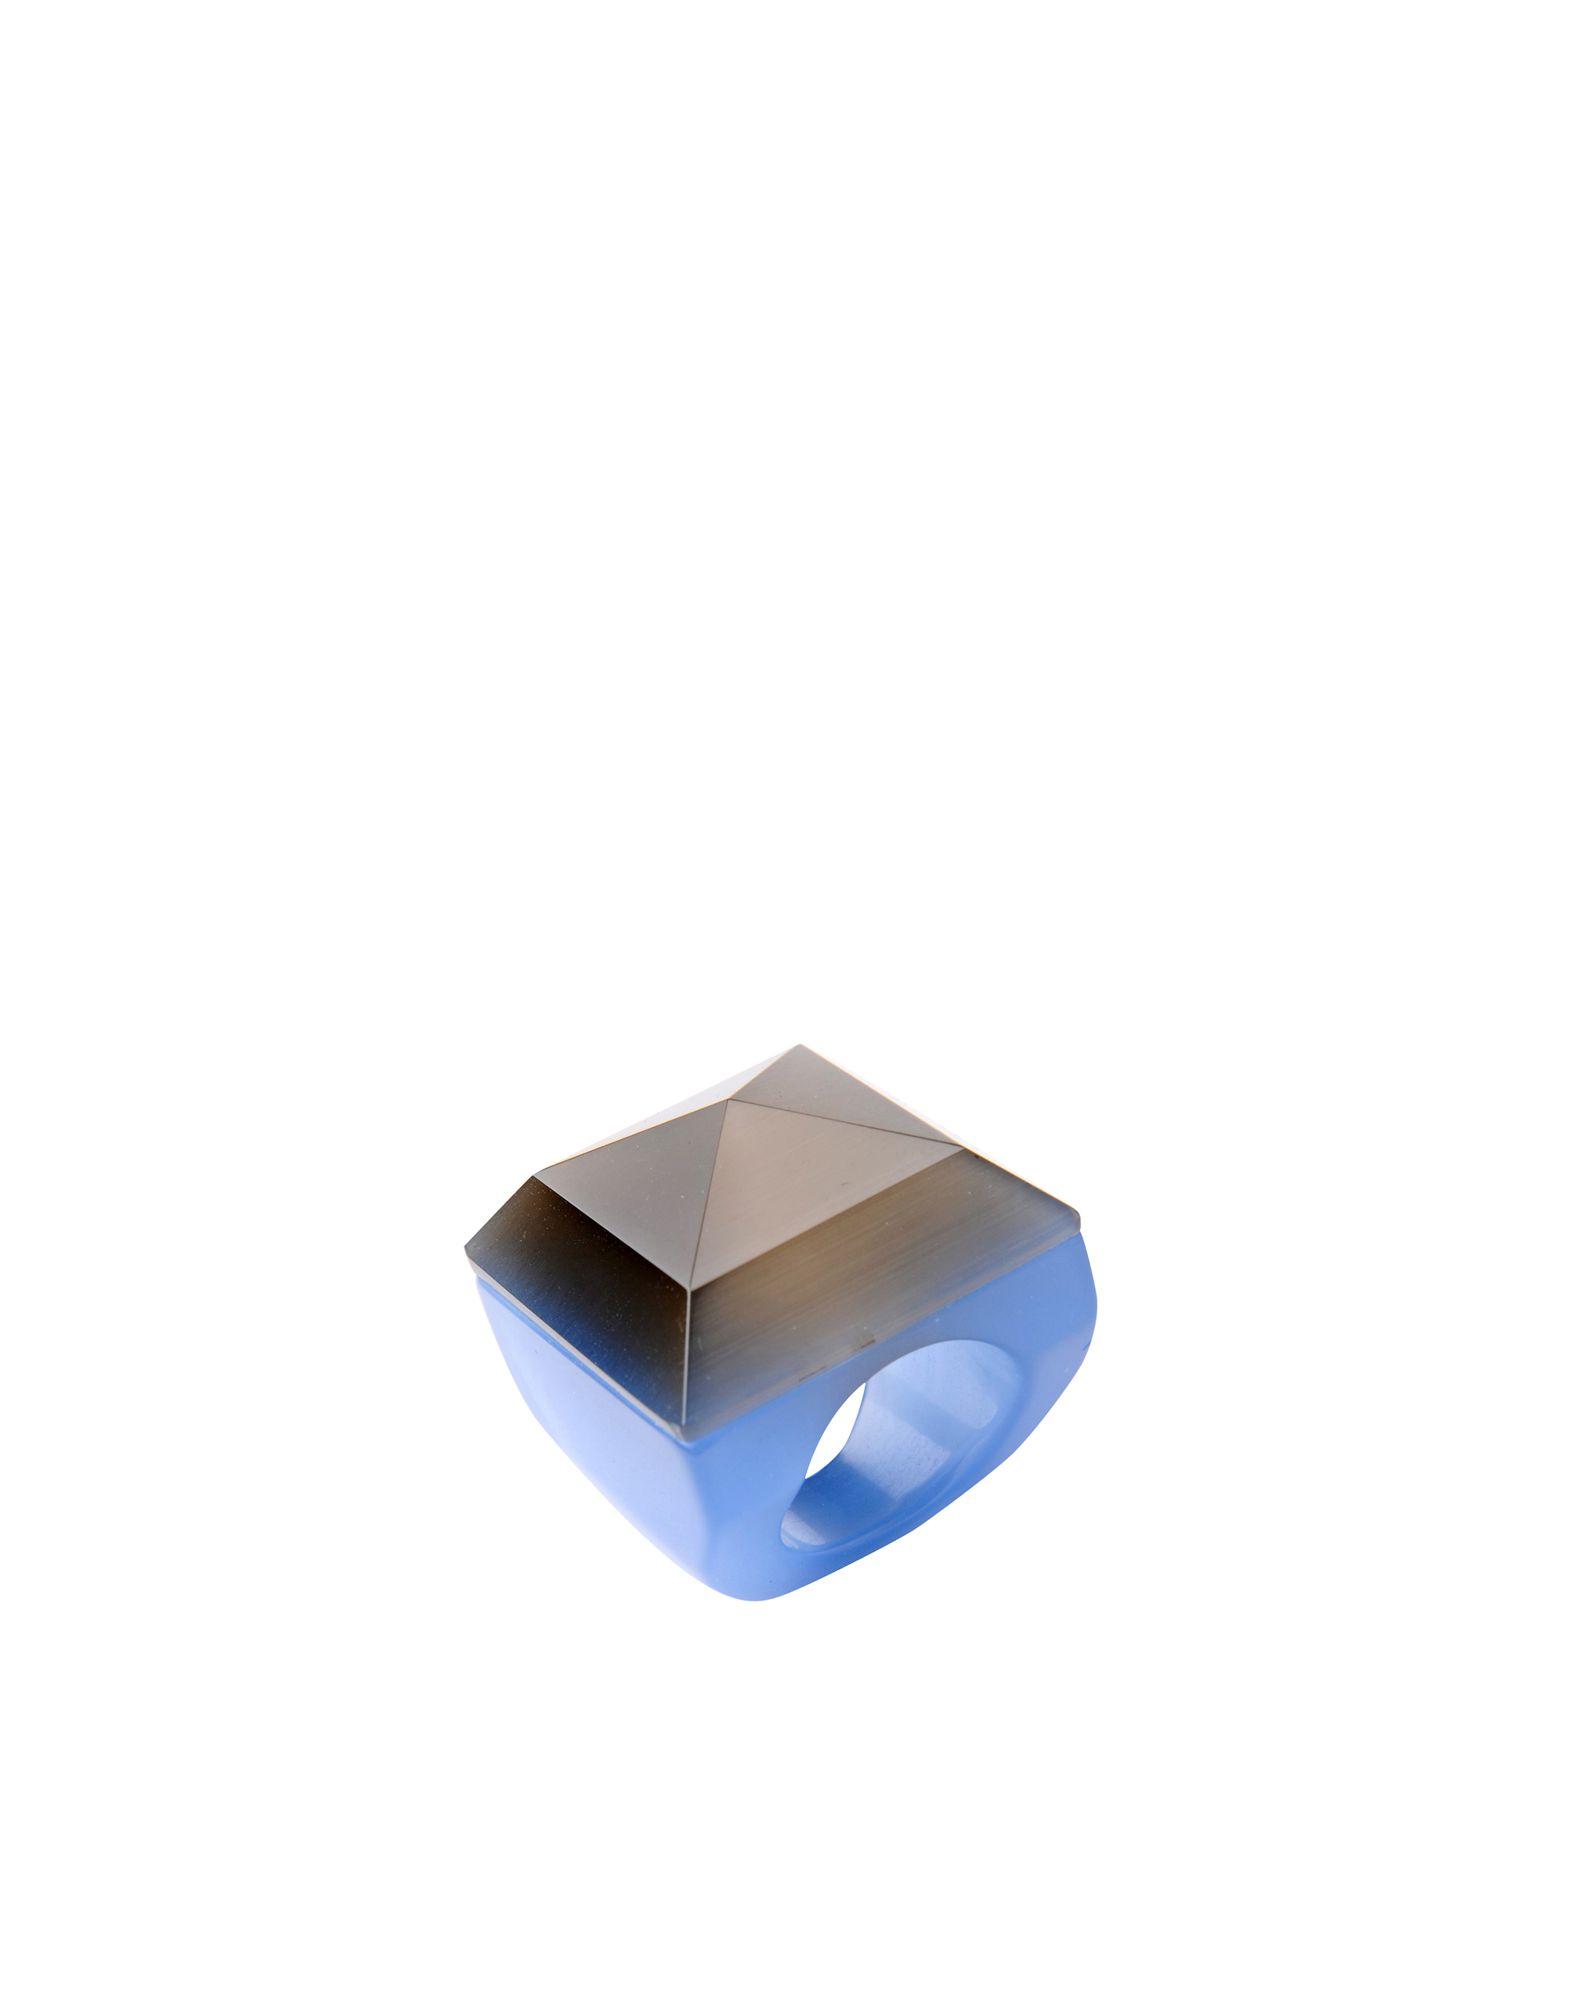 《セール開催中》FIRST PEOPLE FIRST レディース 指輪 スチールグレー 14 ガラス ANELLO VETRO